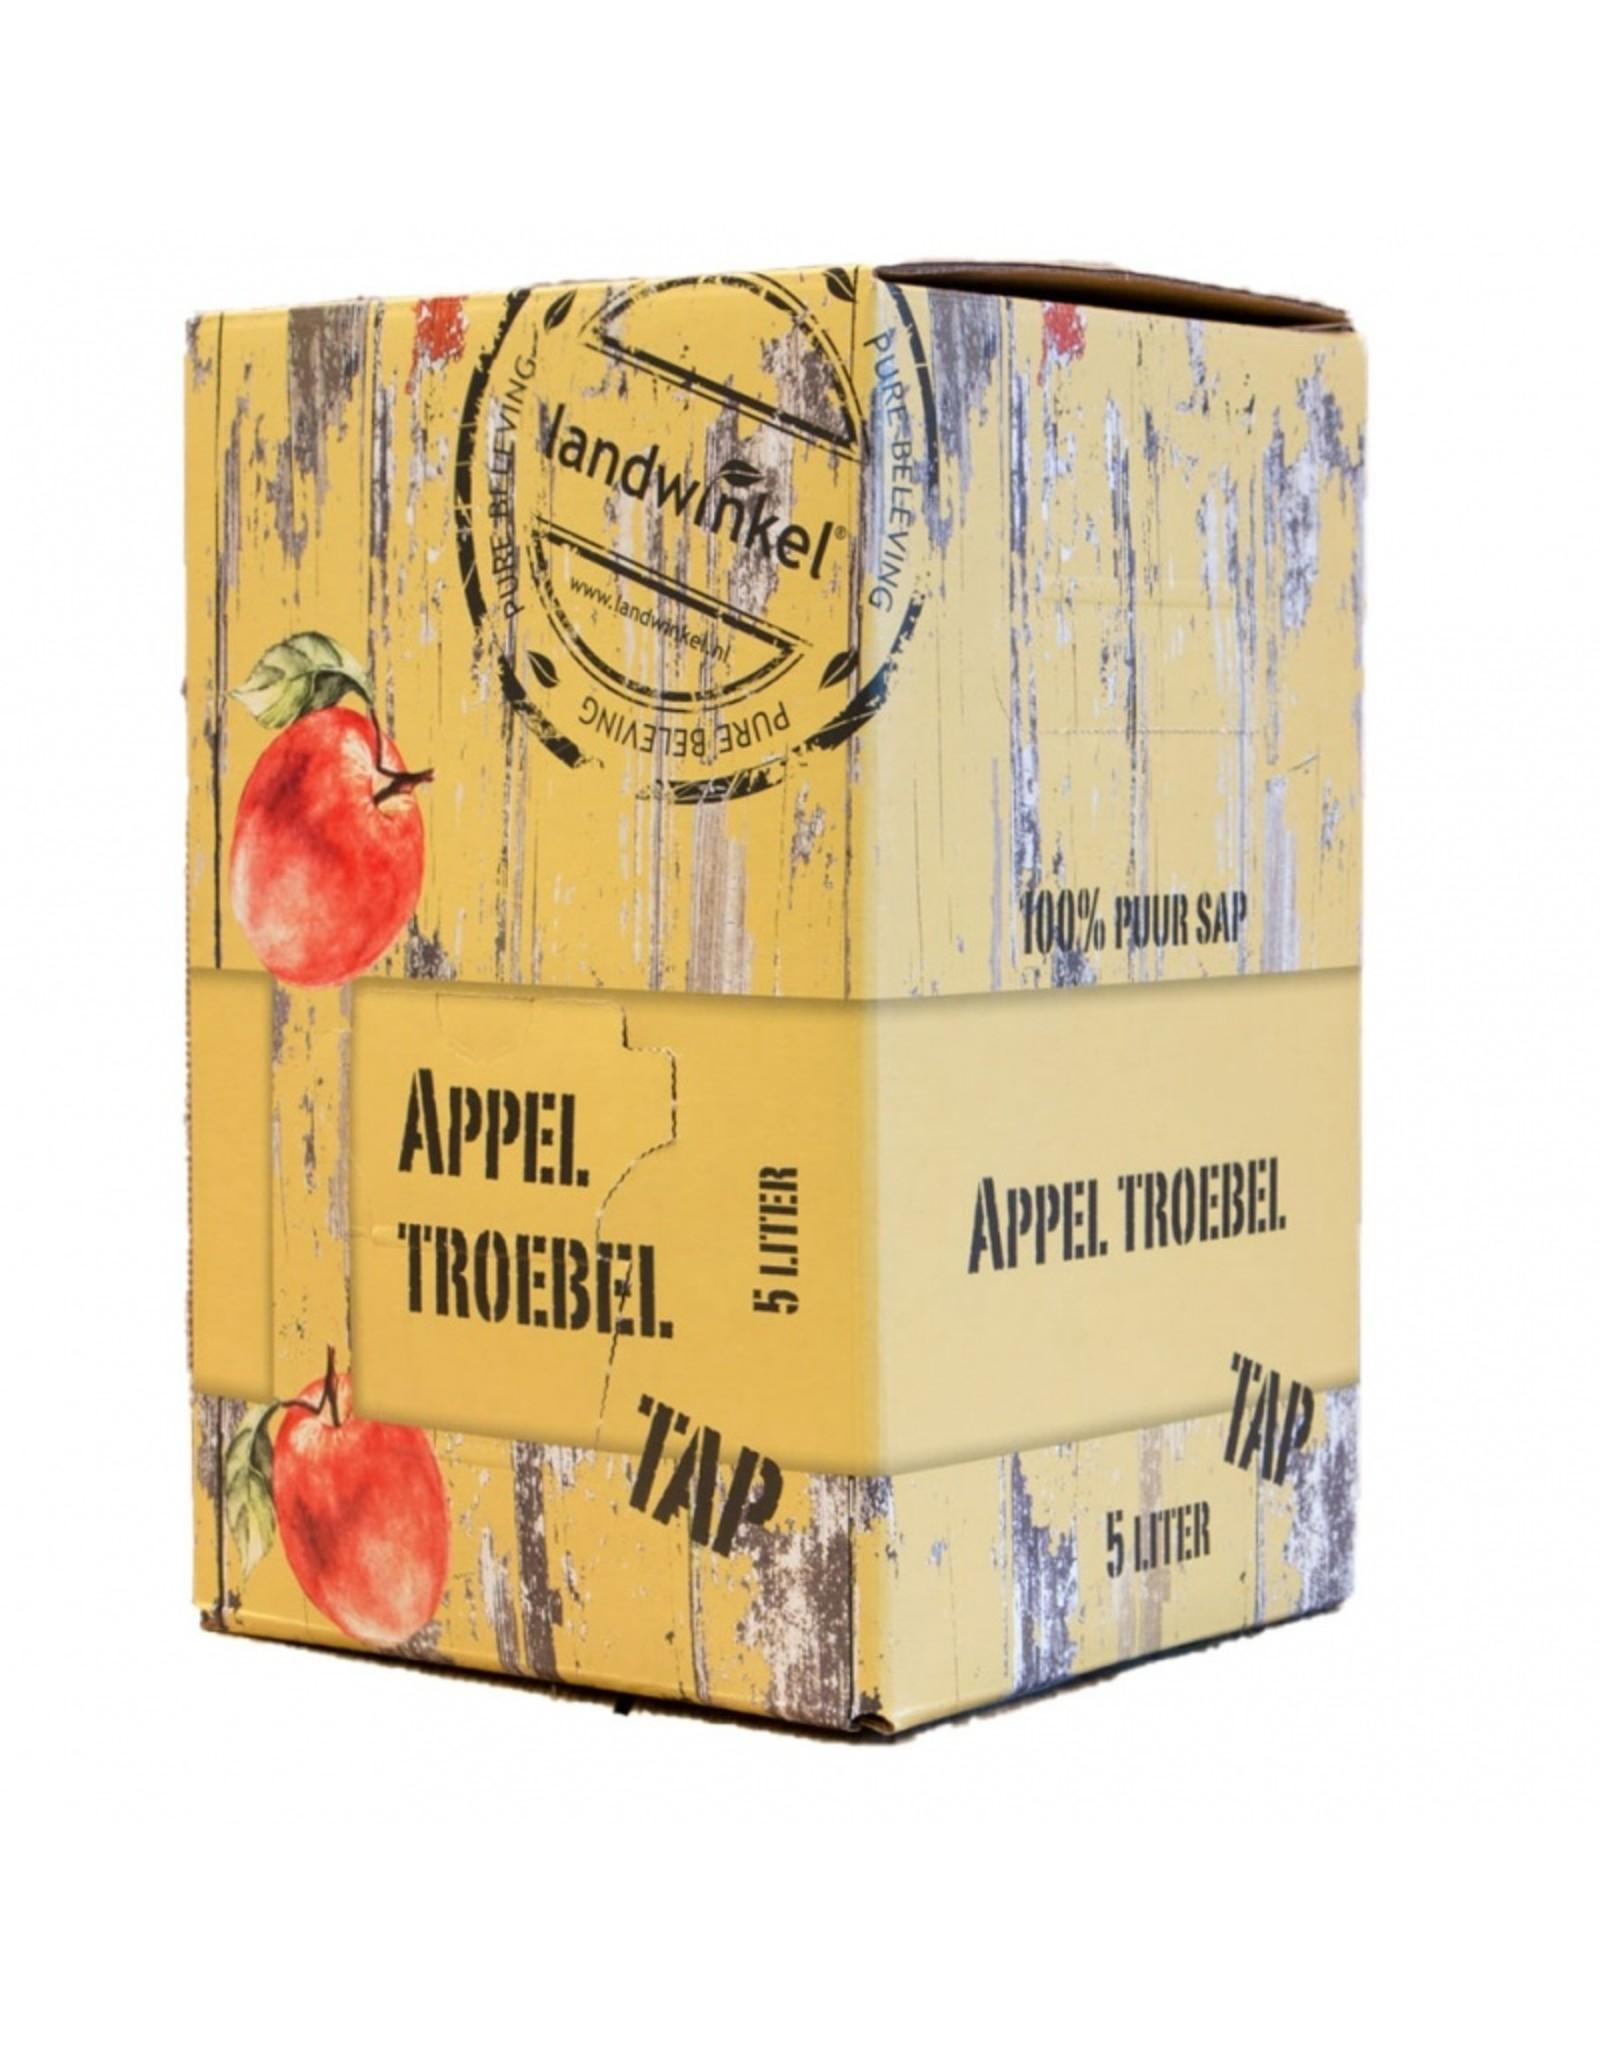 Landwinkel Appeltap appeltroebel 5 ltr